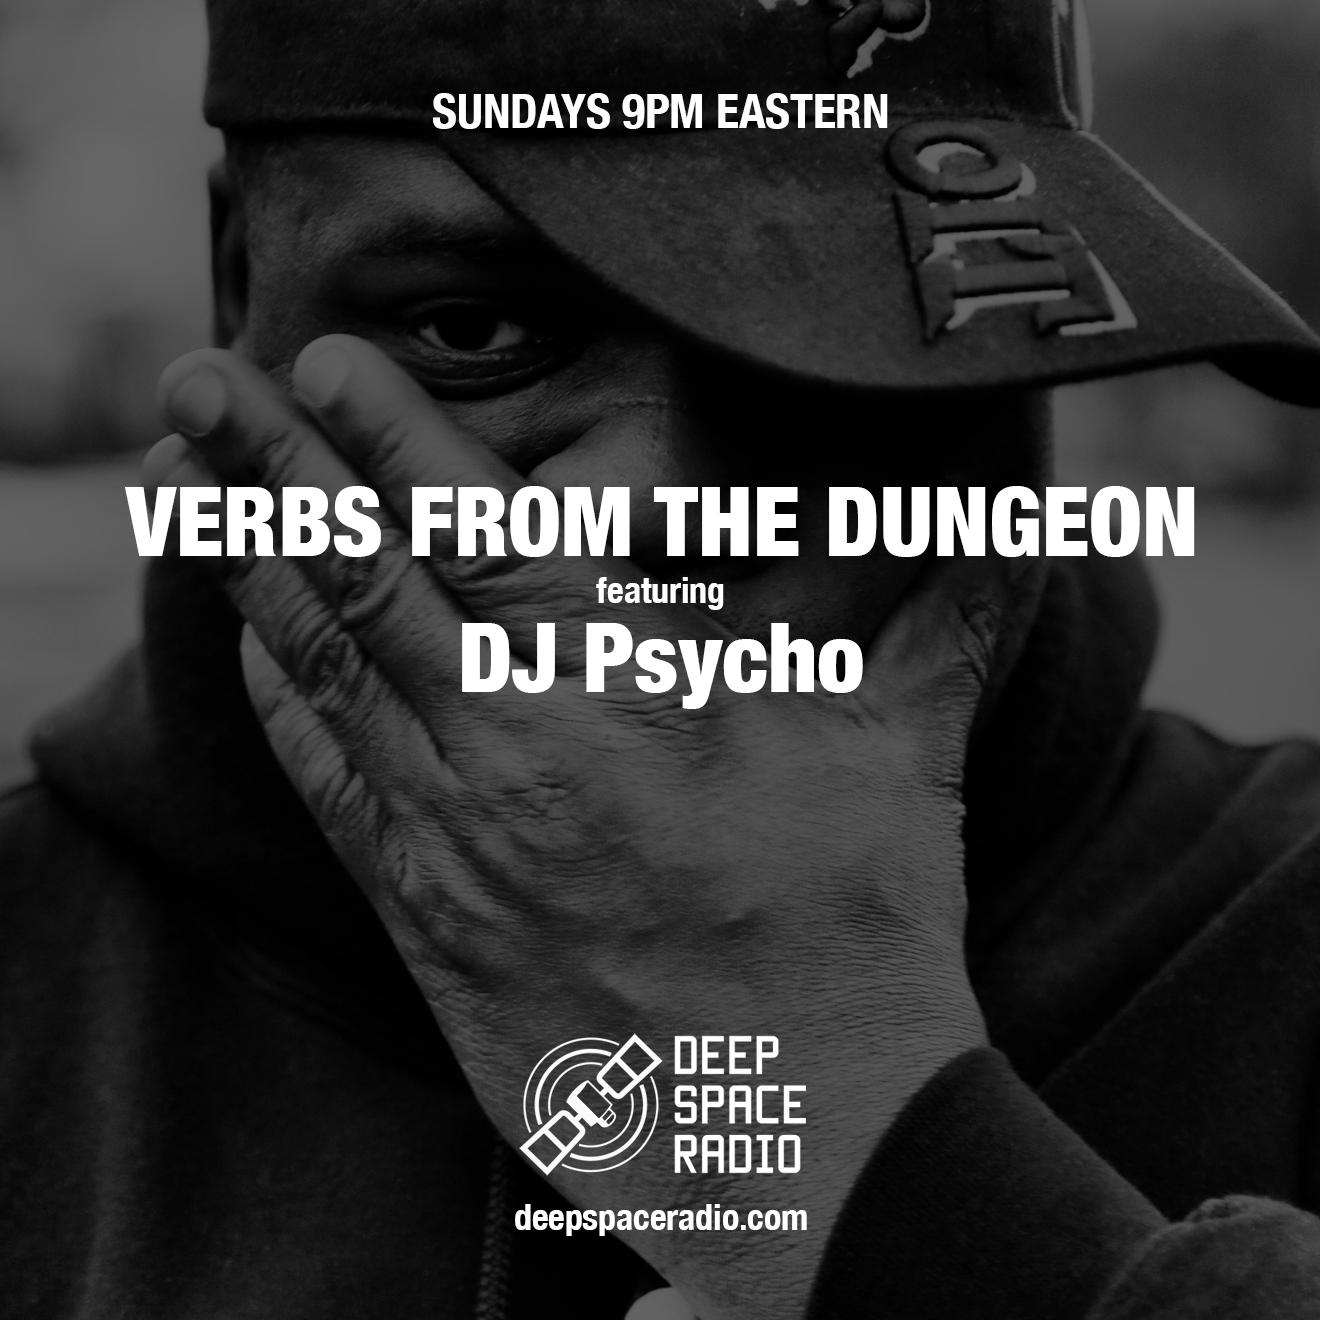 deepspaceradio-verbsfromthedungeon-djpsycho